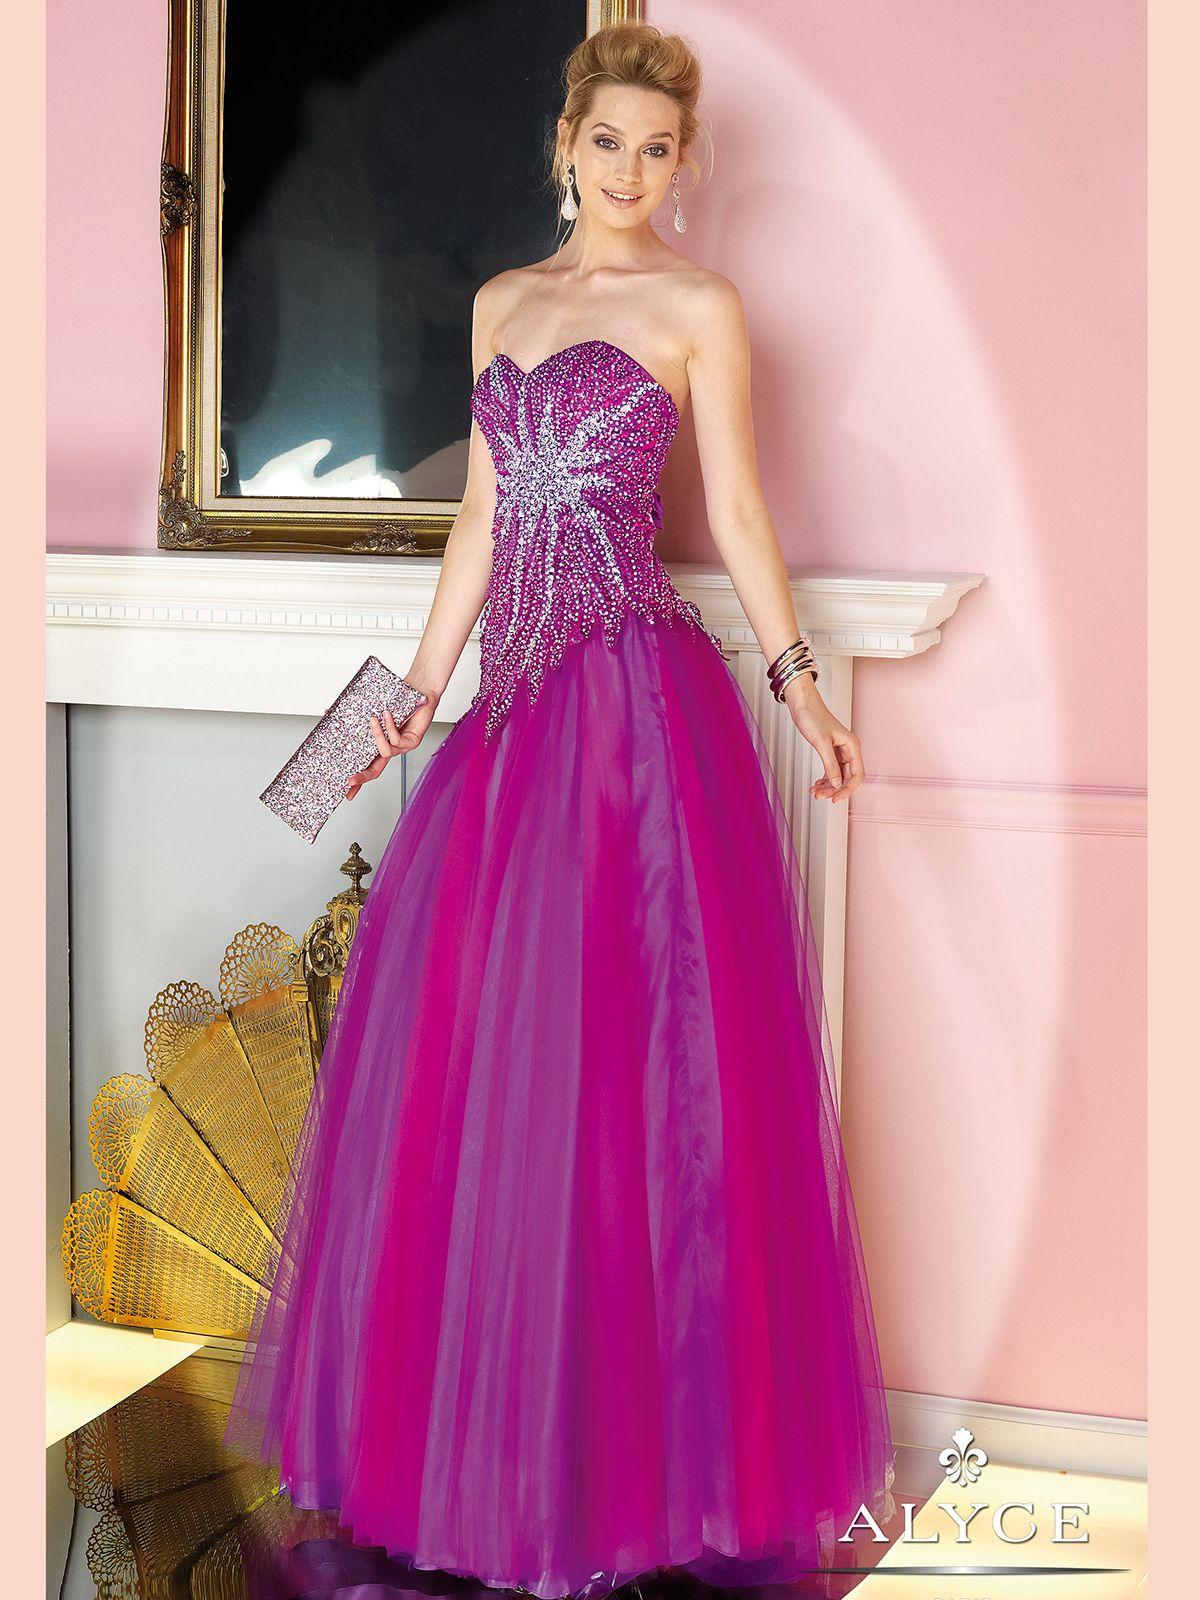 Increíble Prom Vestidos Alyce Ideas Ornamento Elaboración Festooning ...